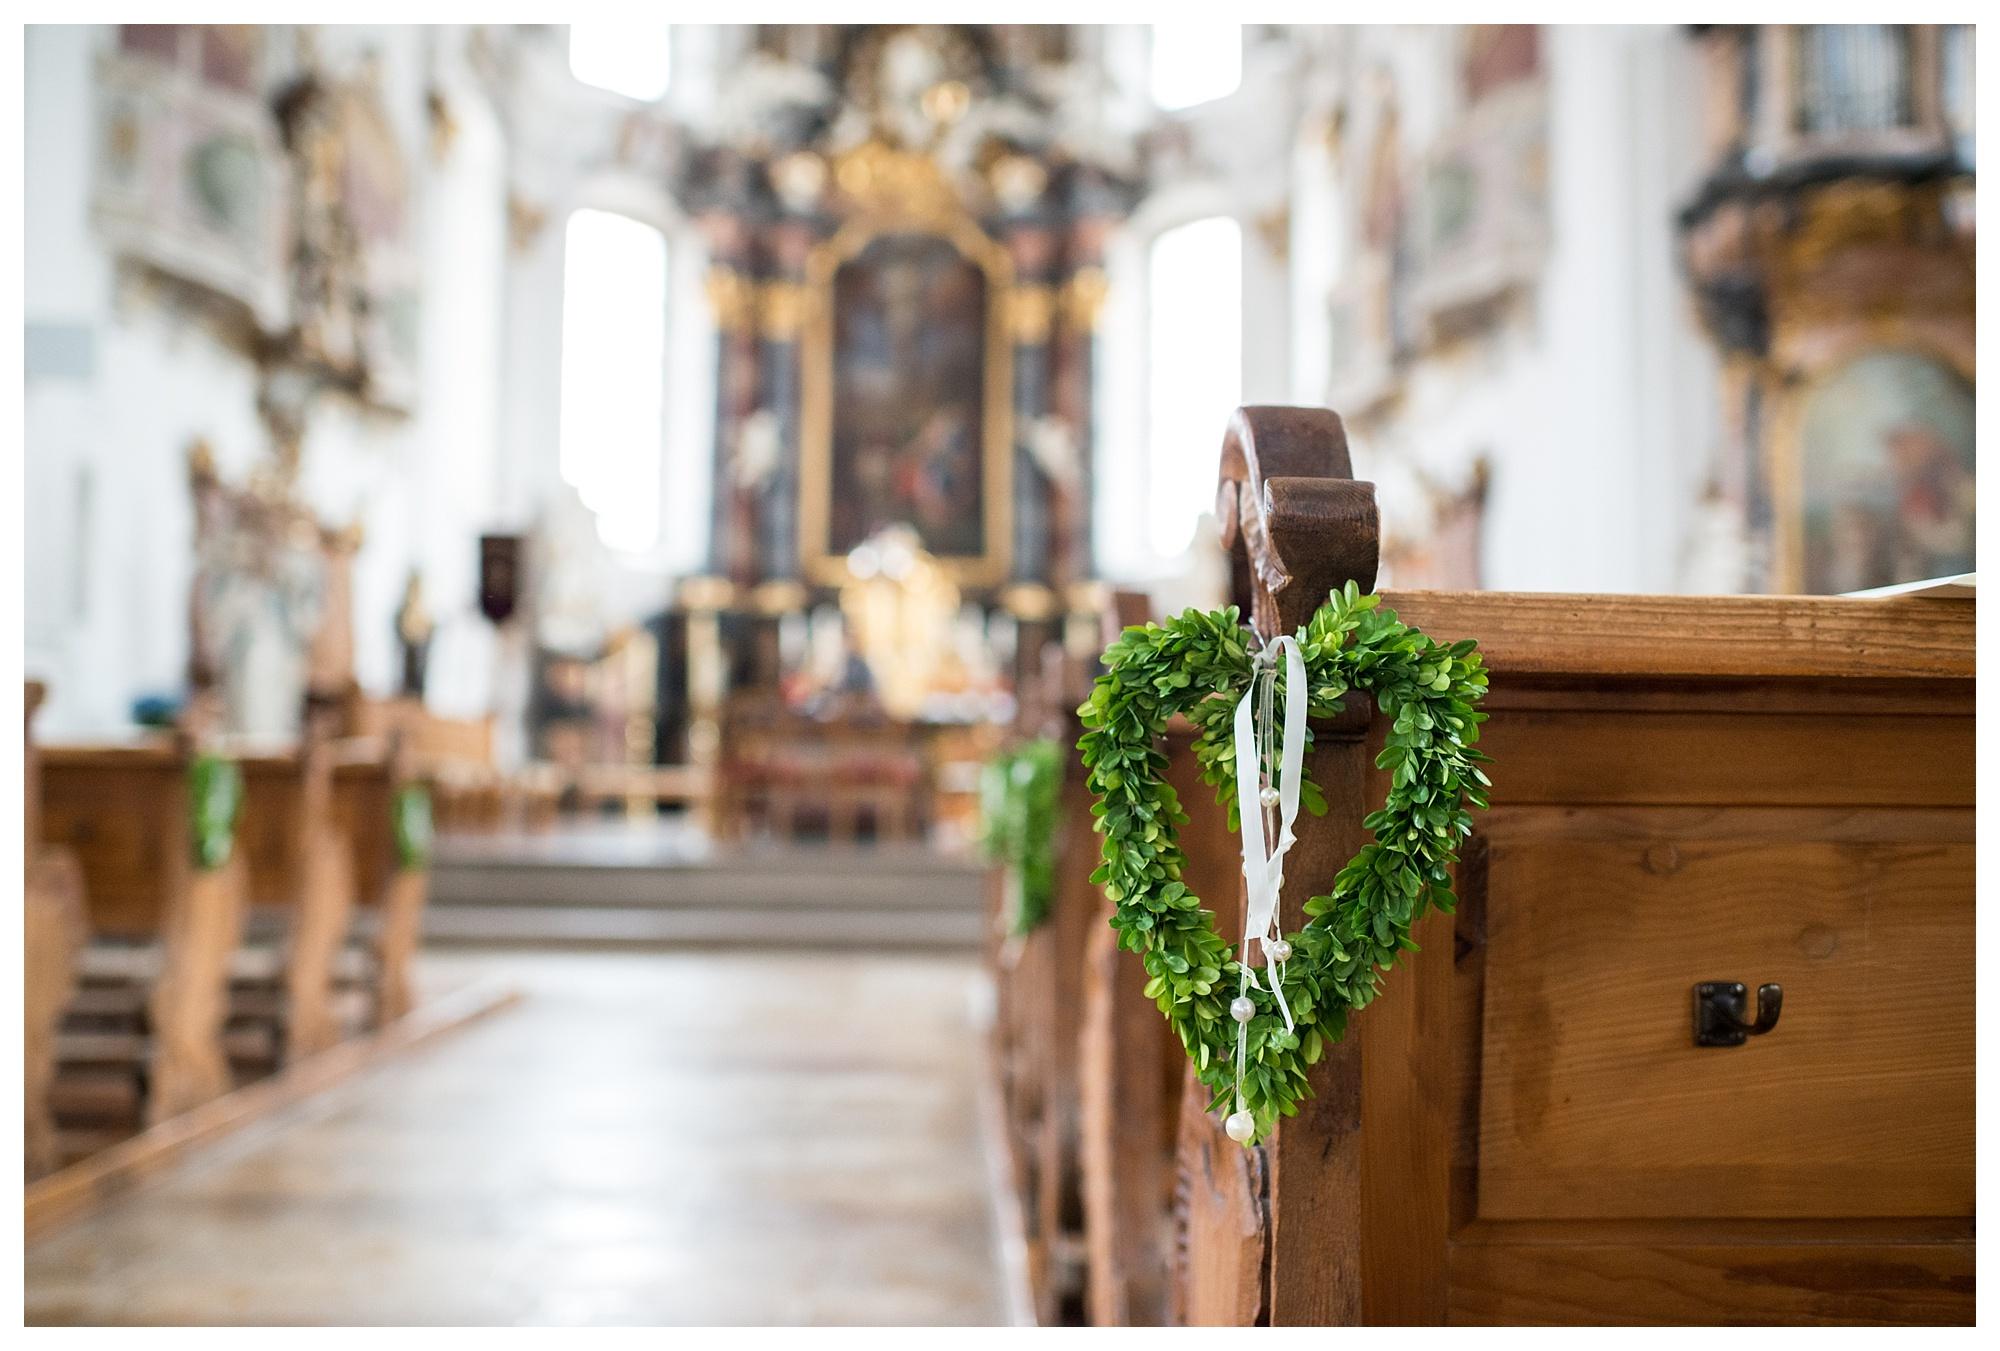 Fotograf Konstanz - Hochzeit Tanja Elmar Elmar Feuerbacher Photography Konstanz Messkirch Highlights 011 - Hochzeitsreportage von Tanja und Elmar im Schloss Meßkirch  - 118 -